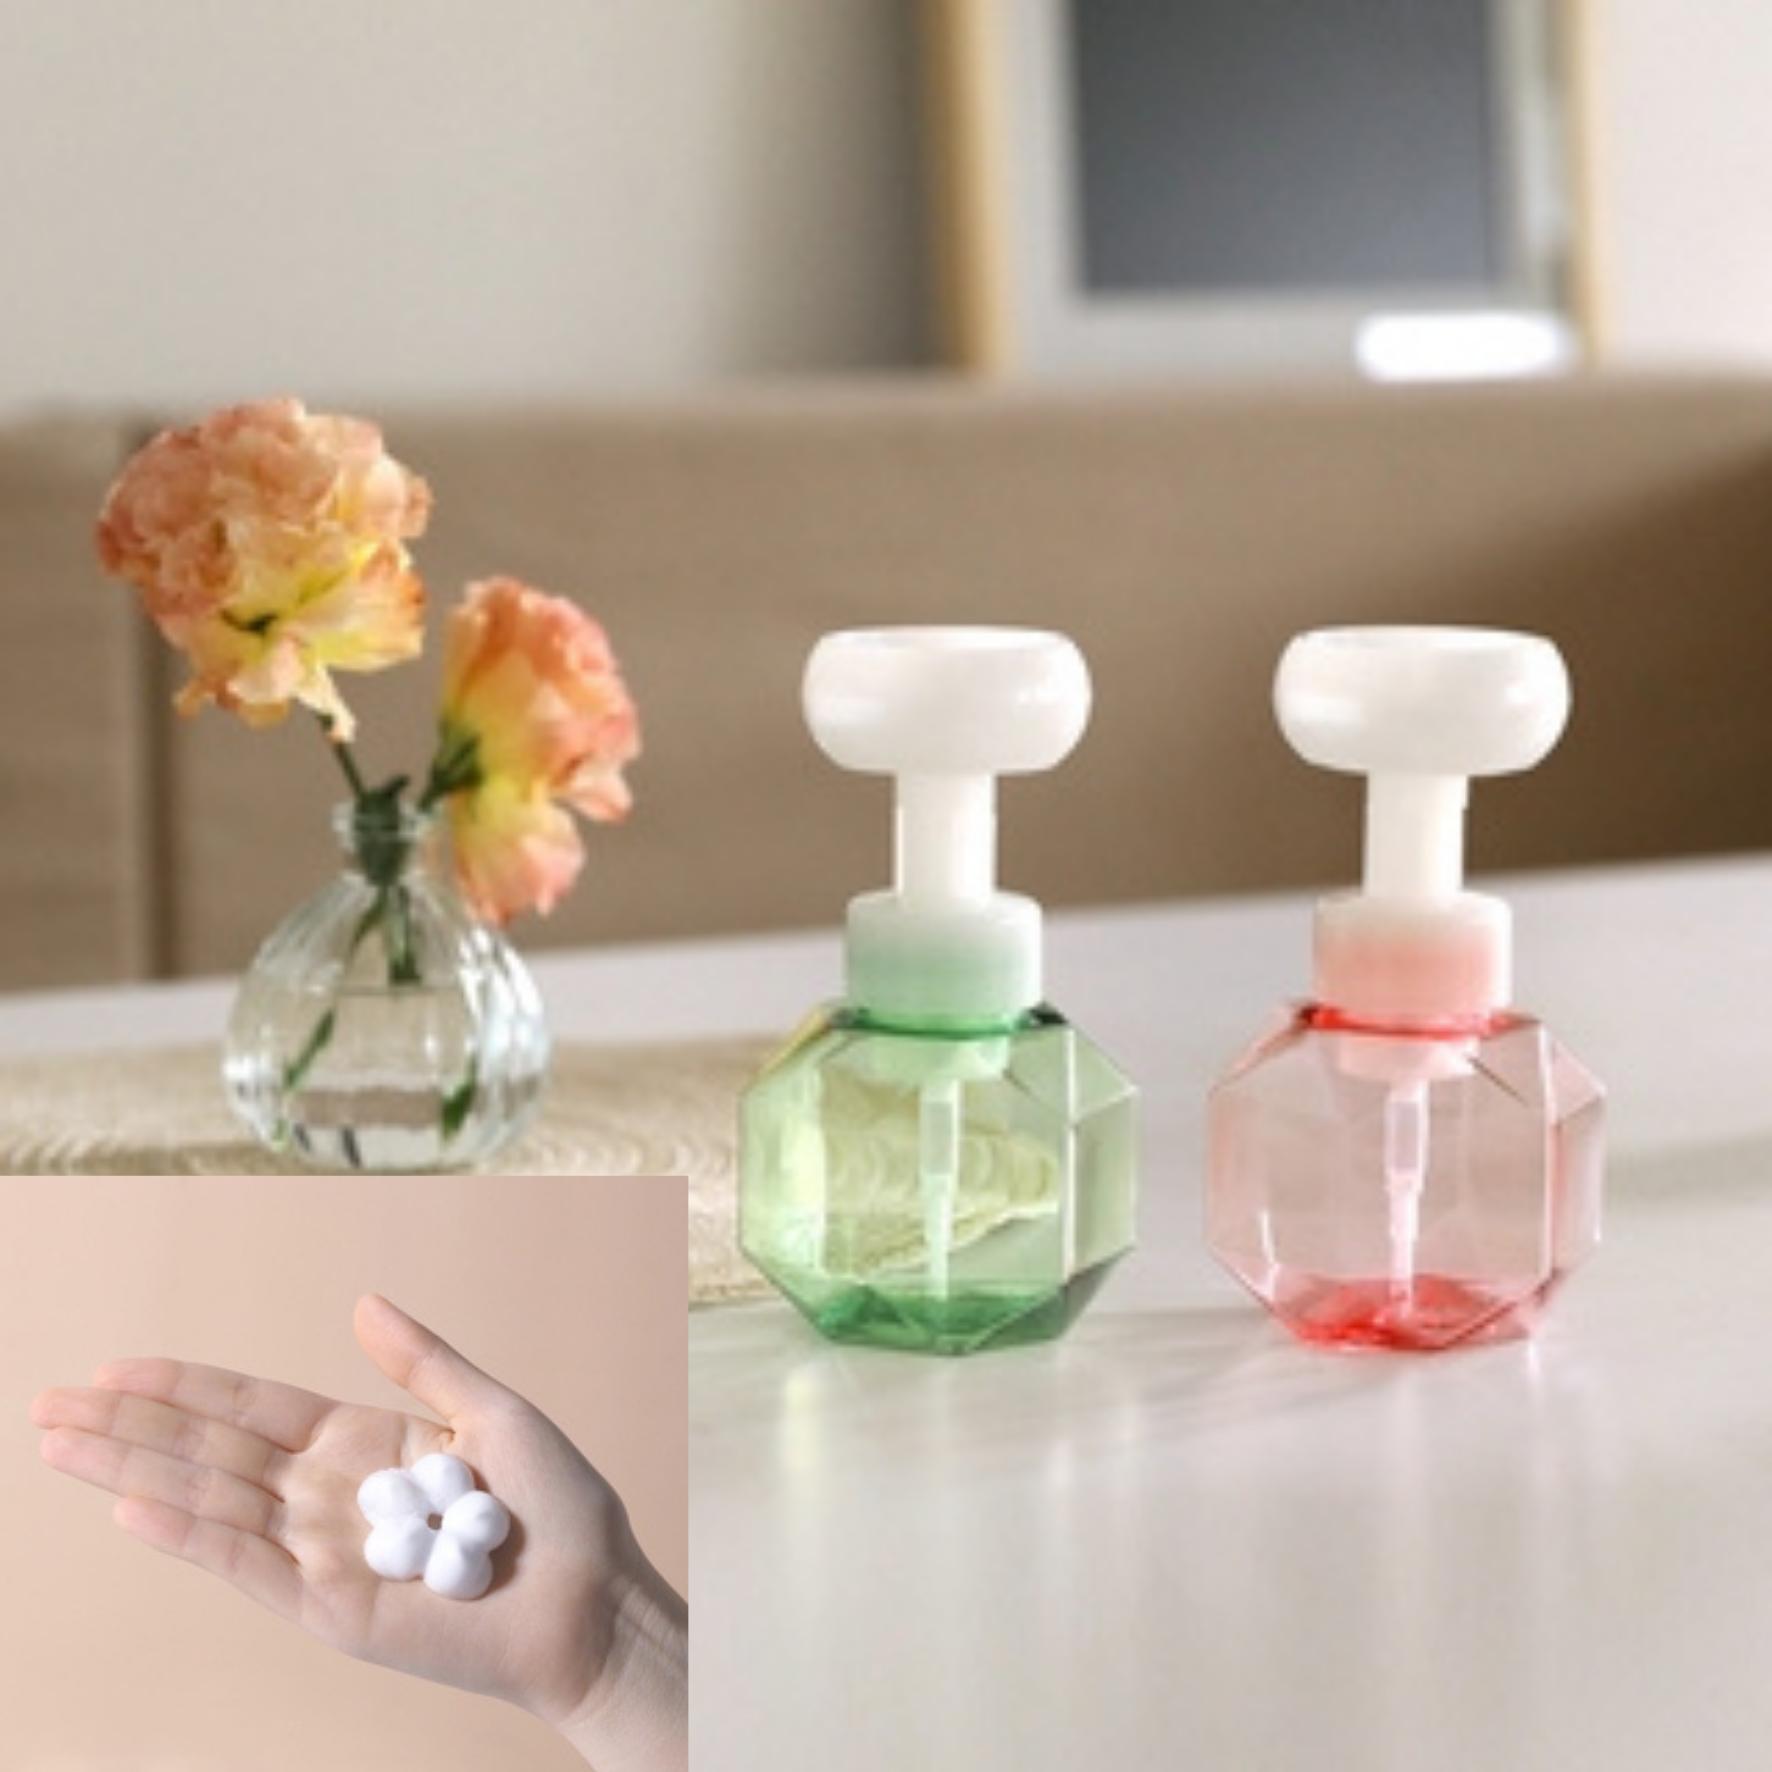 Flower Soap Dispenser